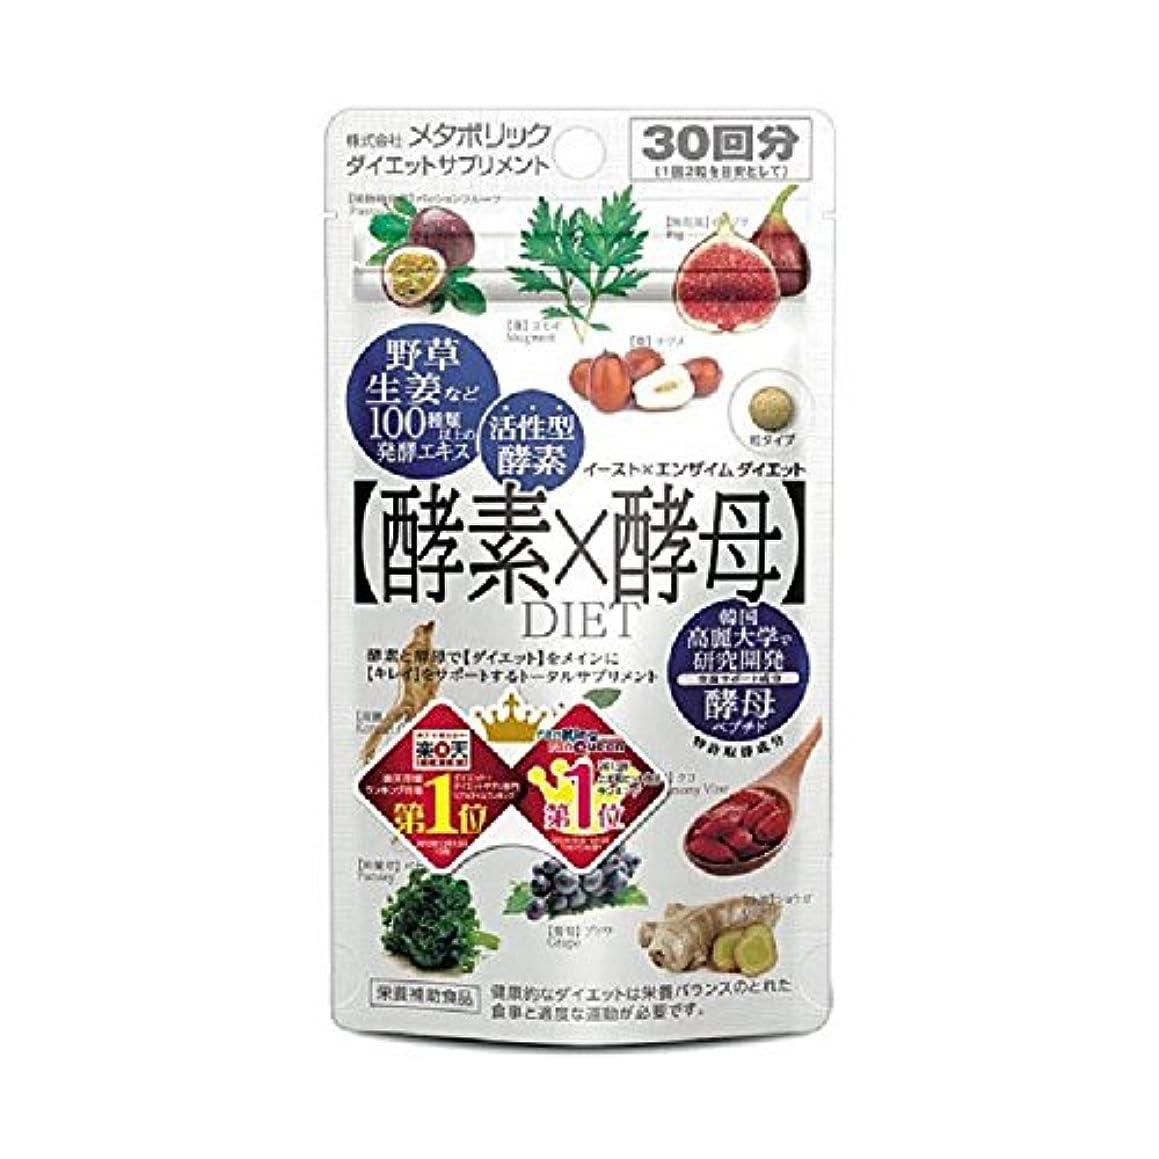 ポテトミケランジェロ役割酵素×酵母 イースト×エンザイムダイエット 60粒×5個セット